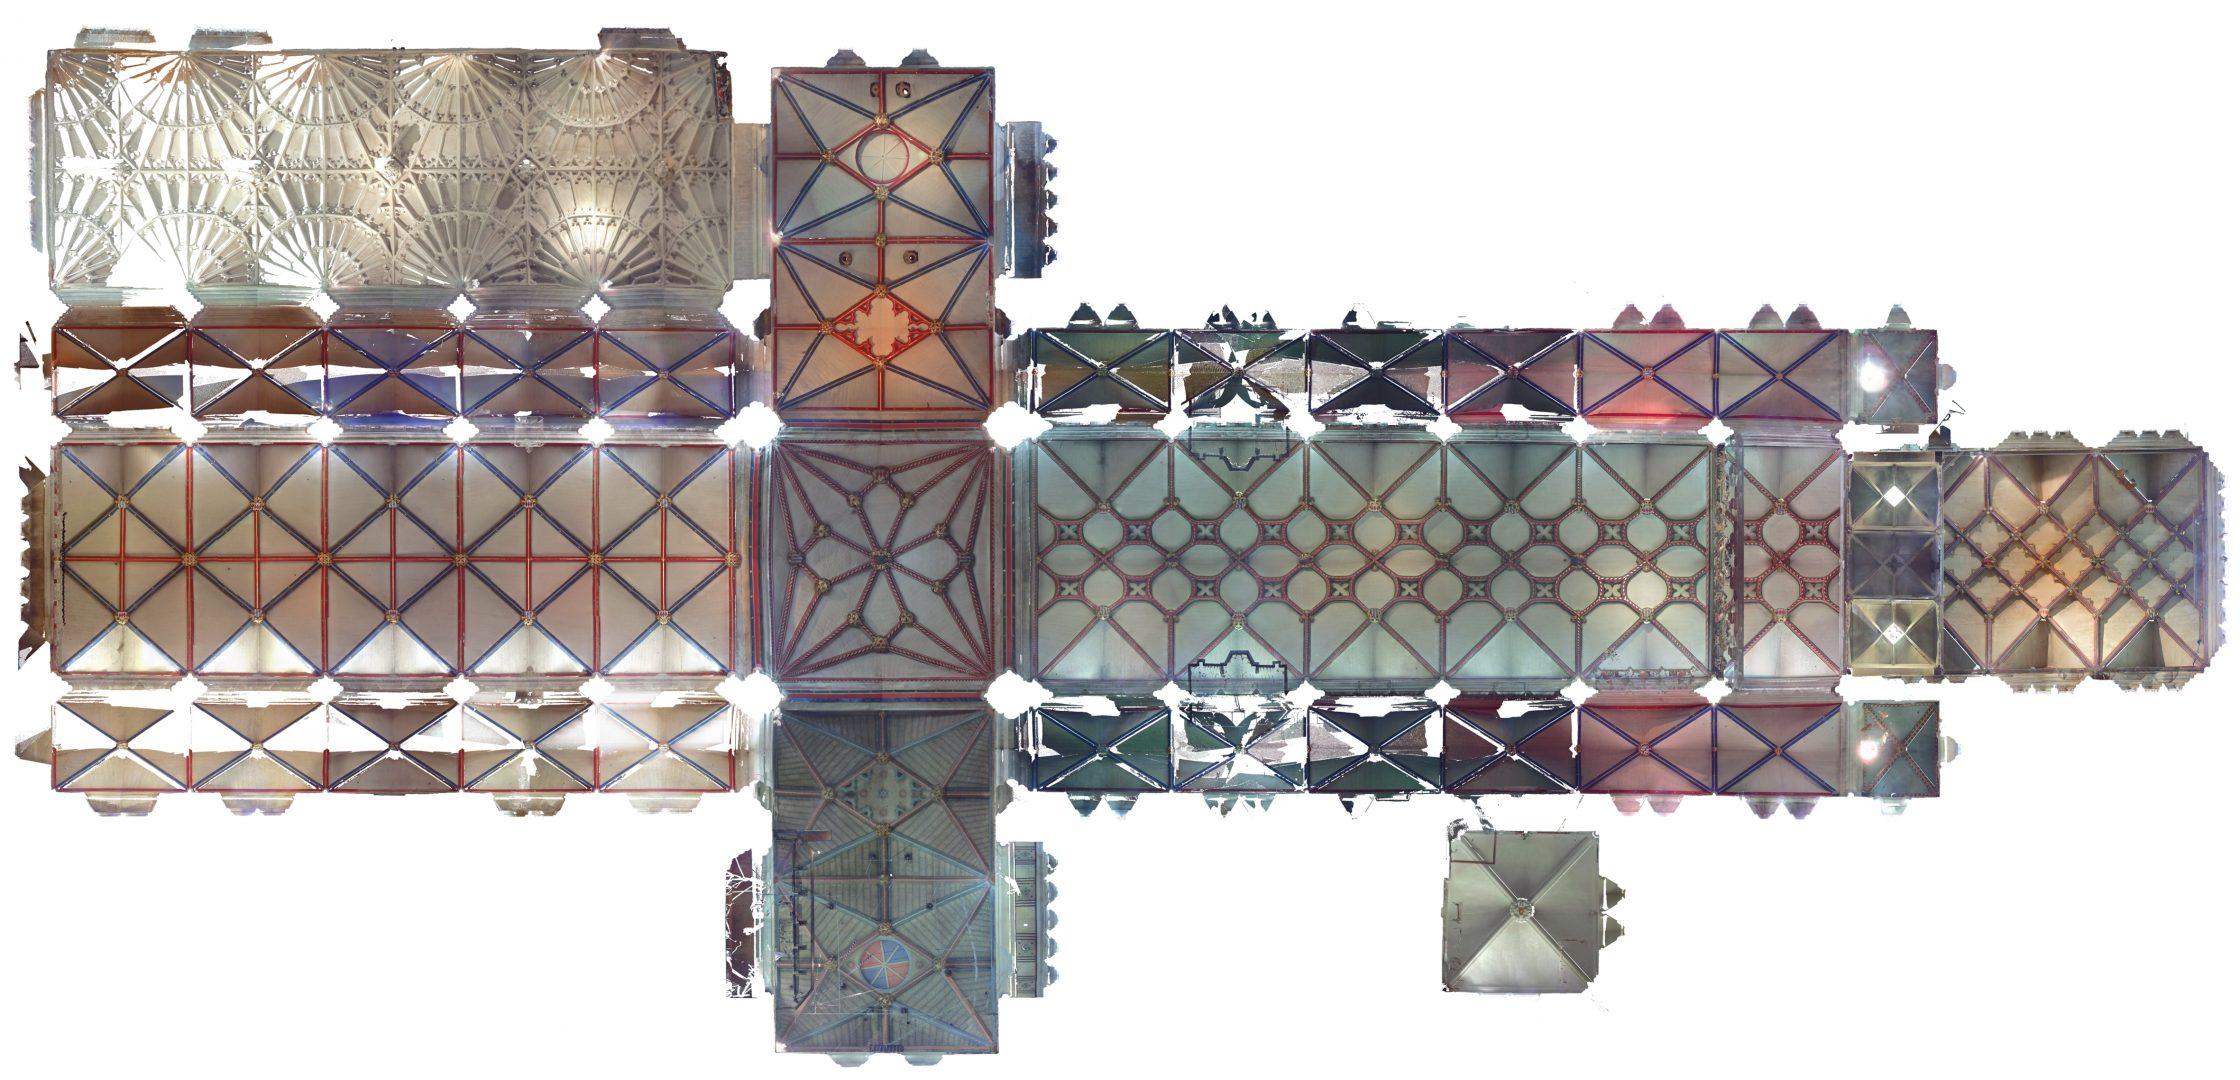 TtP_Ottery_roof_plan